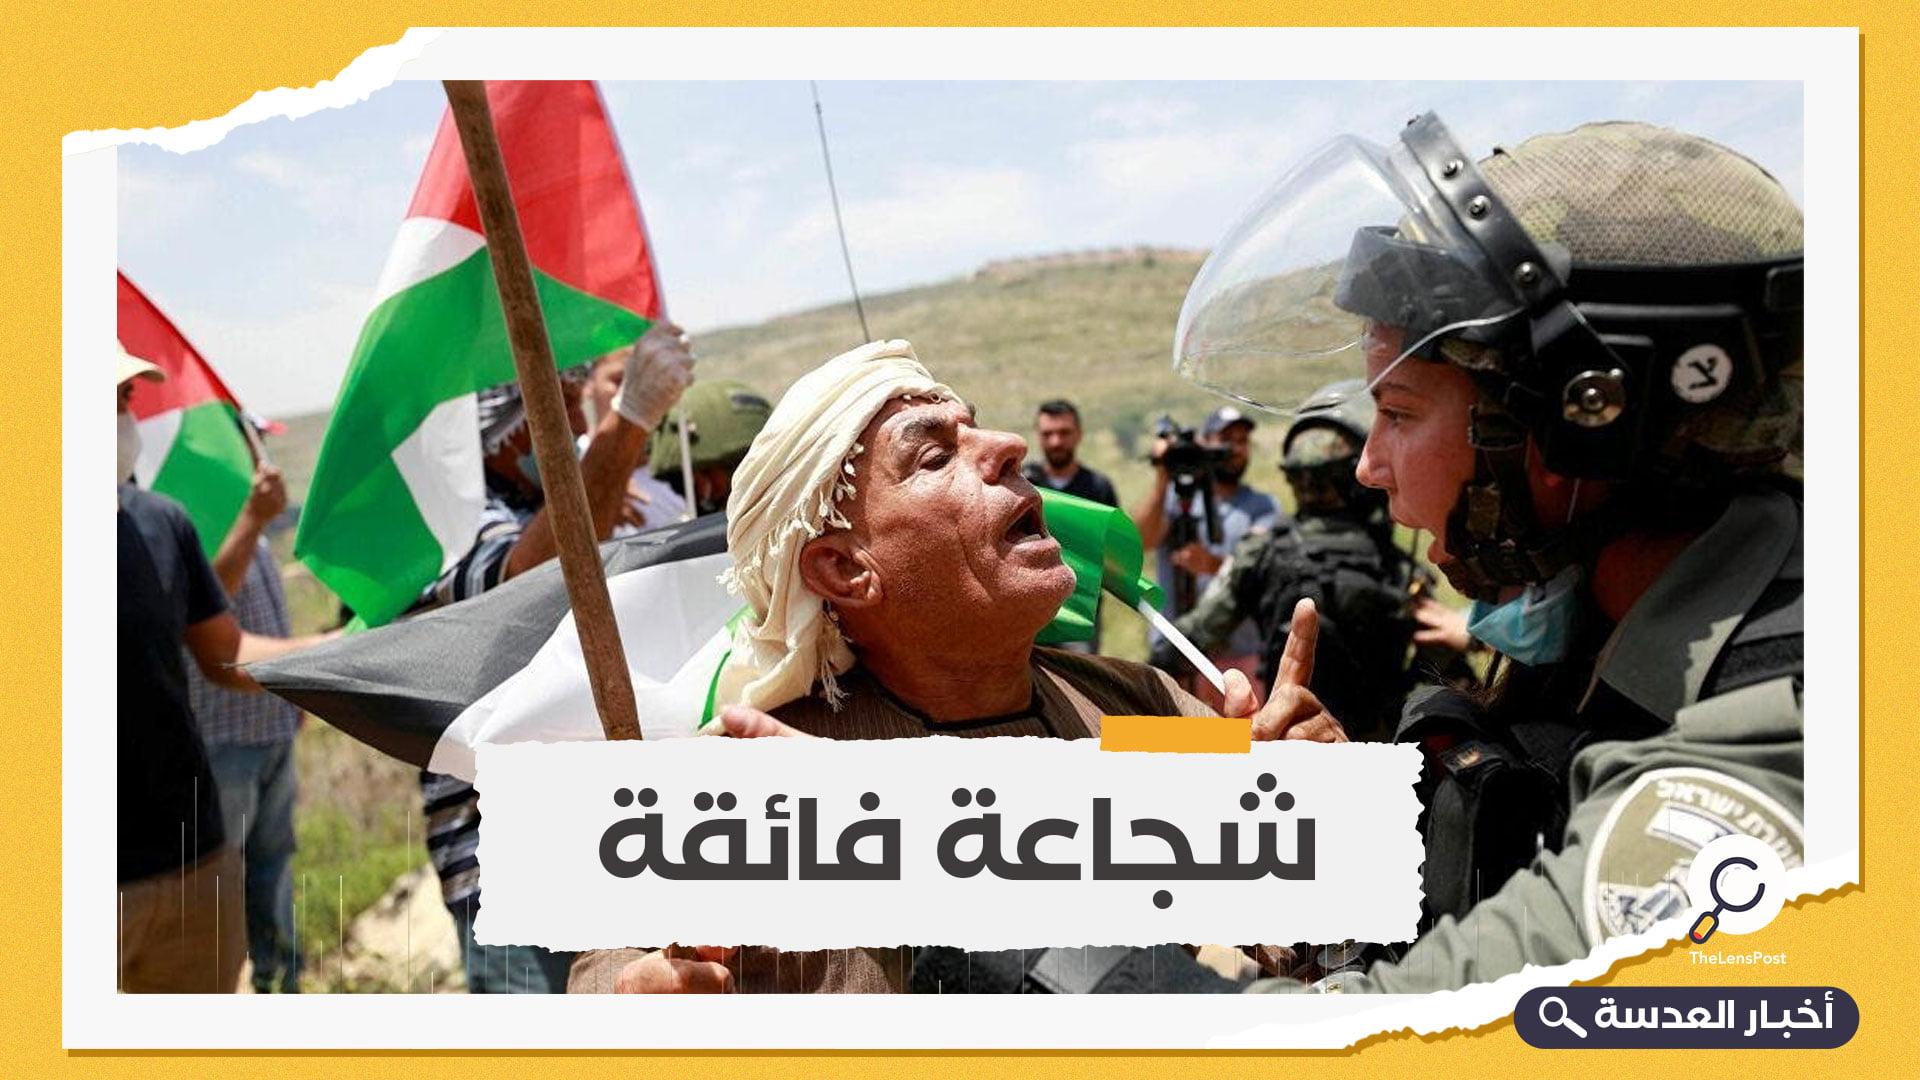 رفض مصادرة مولد كهربائي.. رصاص الاحتلال يصيب فلسطينيًا أعزل بشلل رباعي